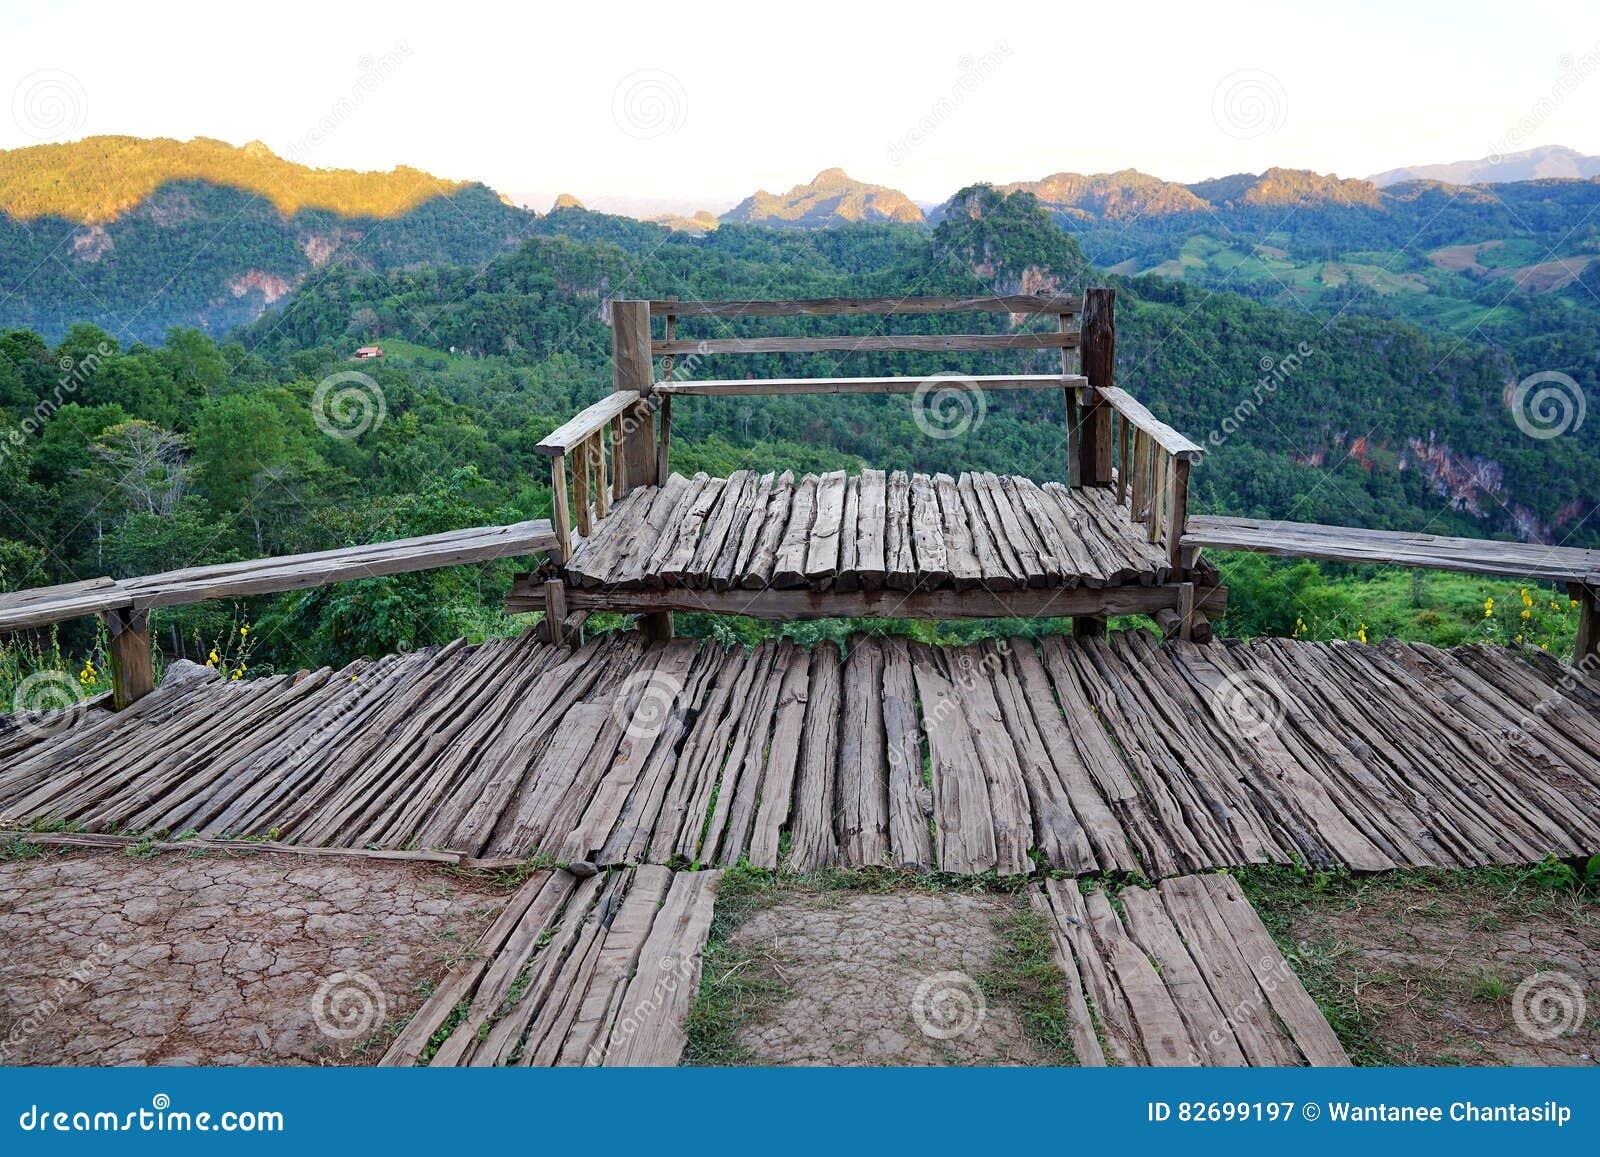 Terraza De Madera Vieja Del Balcón Con Mountain View En Baan